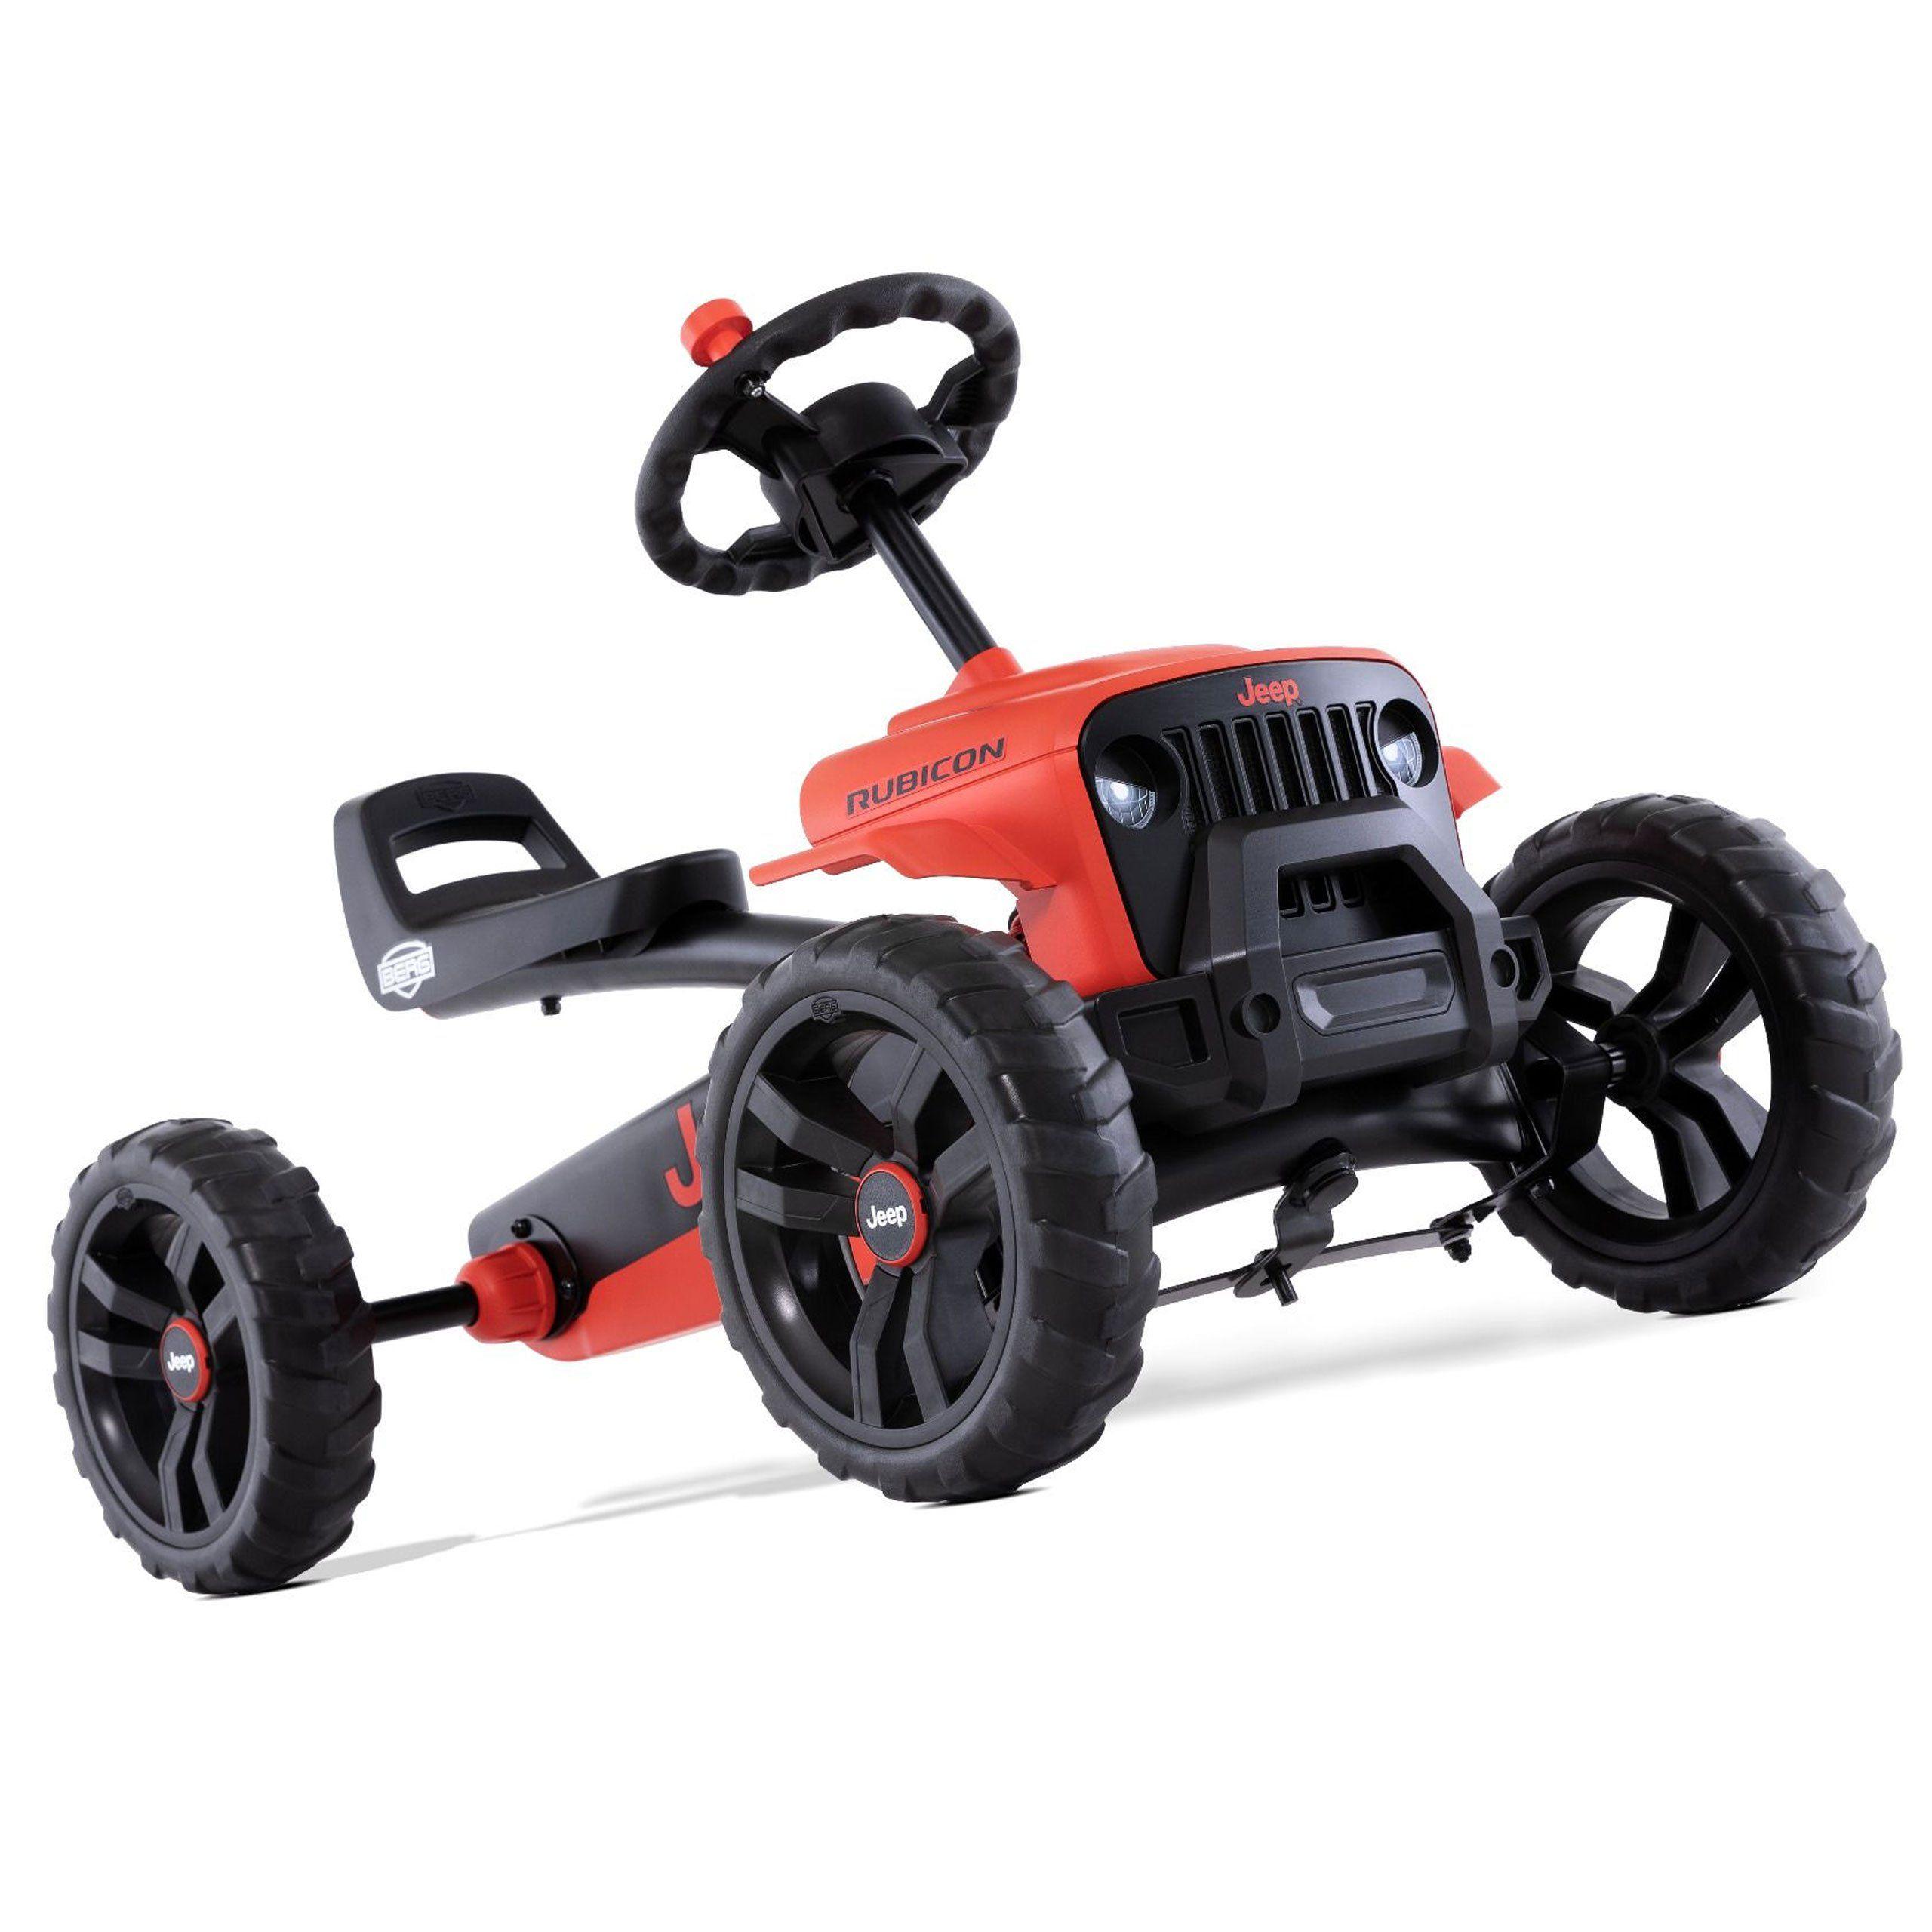 Berg Gokart Na Pedaly Buzzy Jeep Rubicon Dla Dzieci Brykacze Pl Internetowy Sklep Z Zabawkami Dla Dzieci Jeep Rubicon Rubicon Go Kart